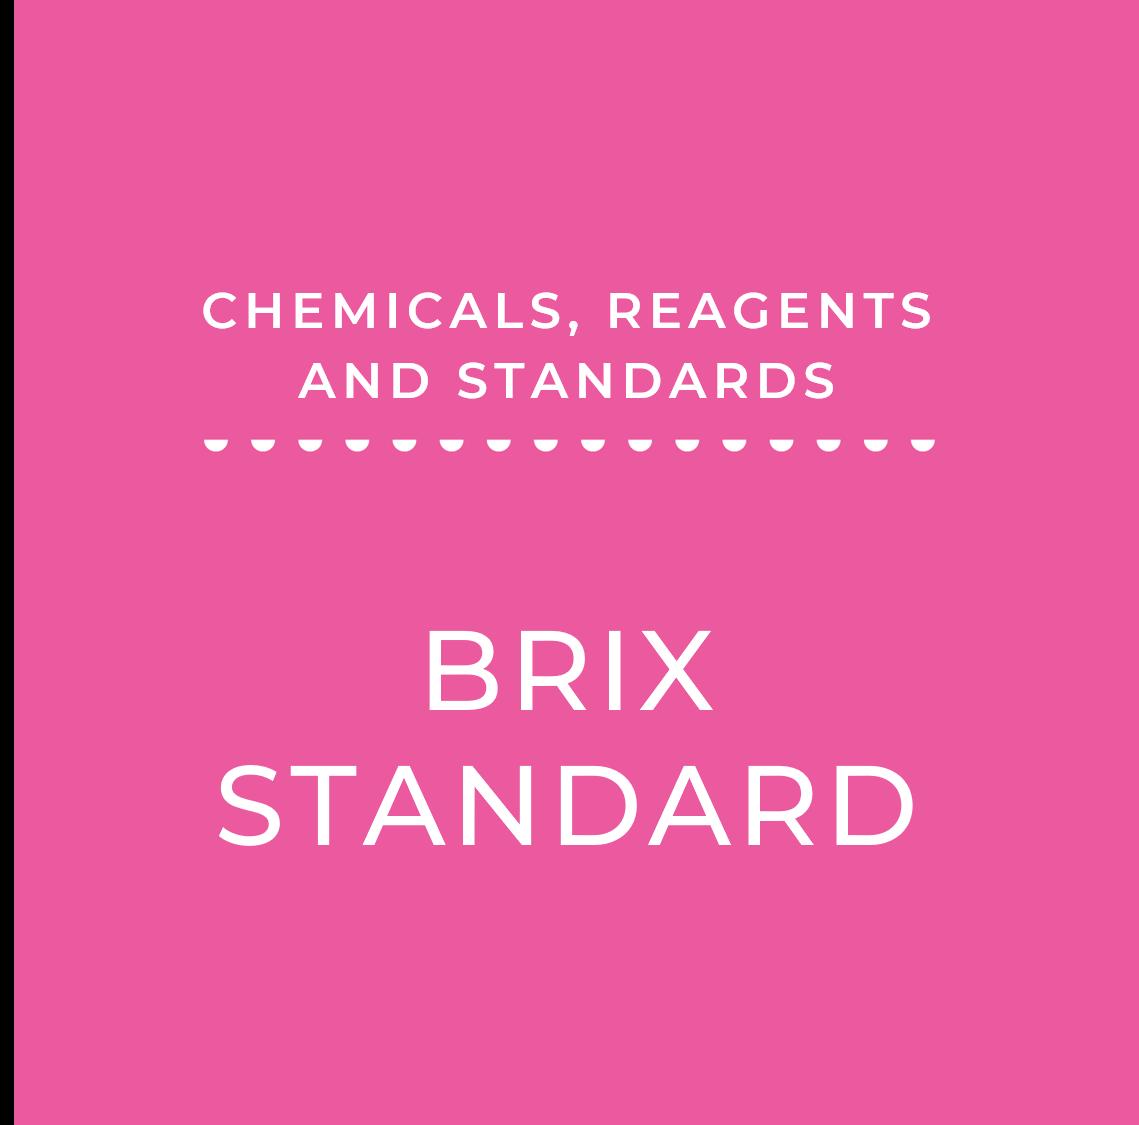 20 Brix Standard